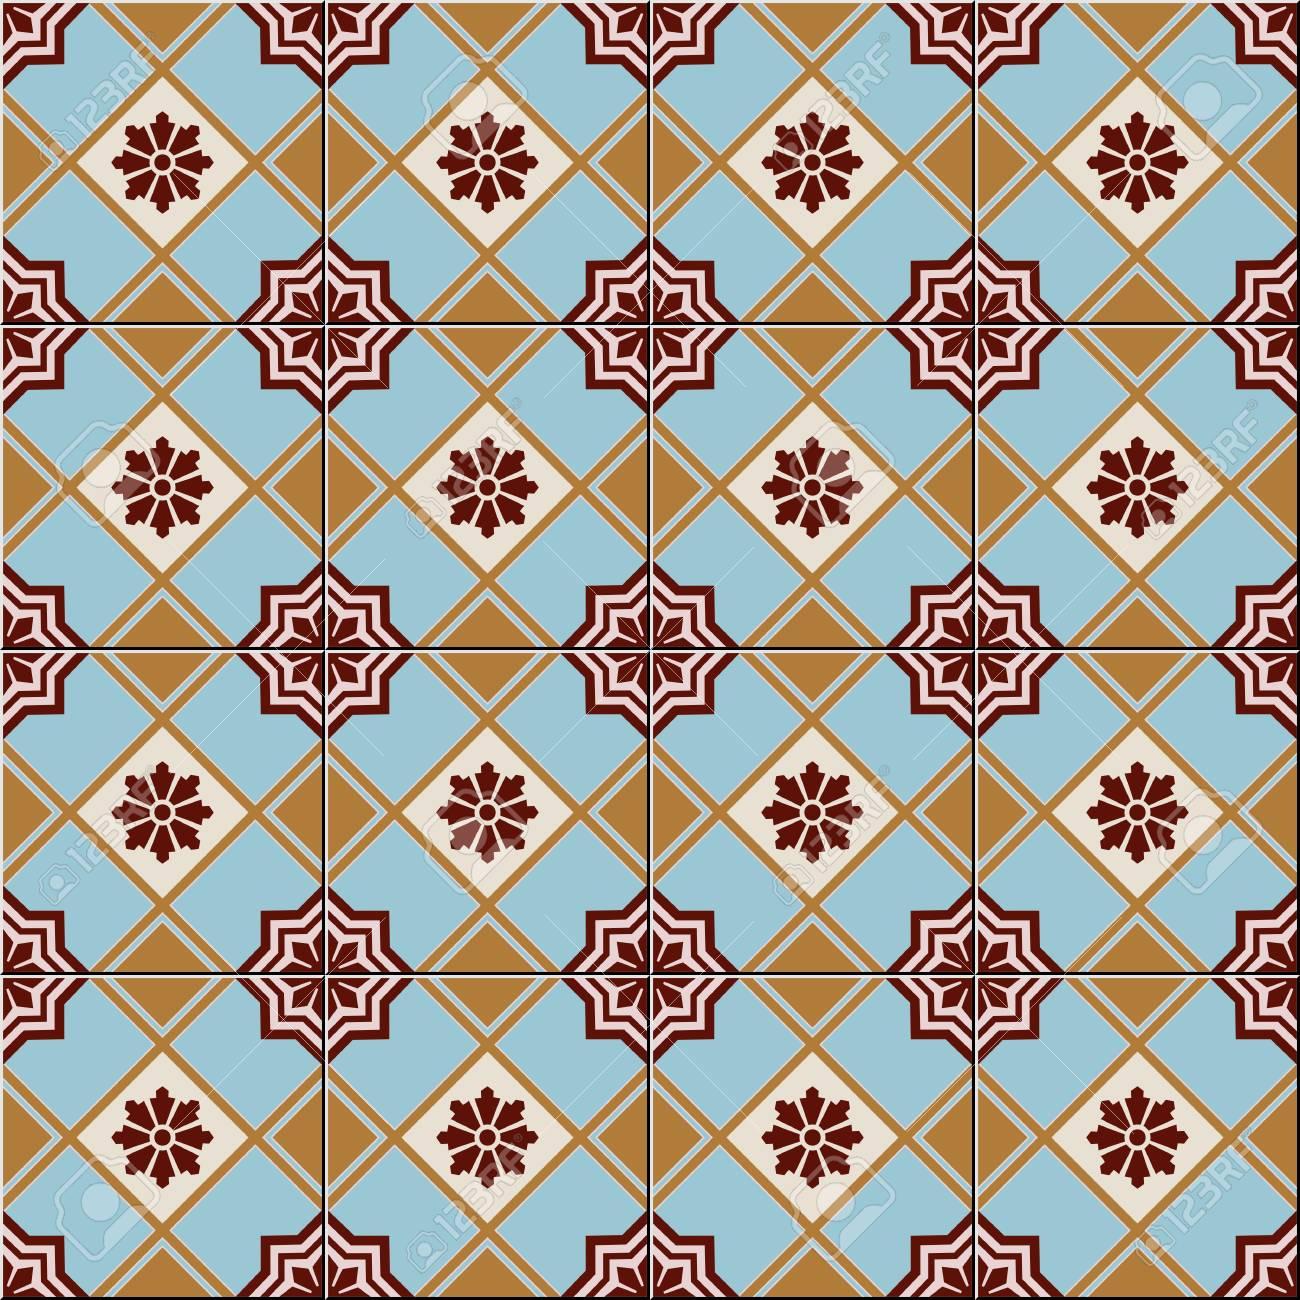 Herrliche Nahtlose Muster Weiß Türkisch Marokkanisch - Tapete portugiesische fliesen